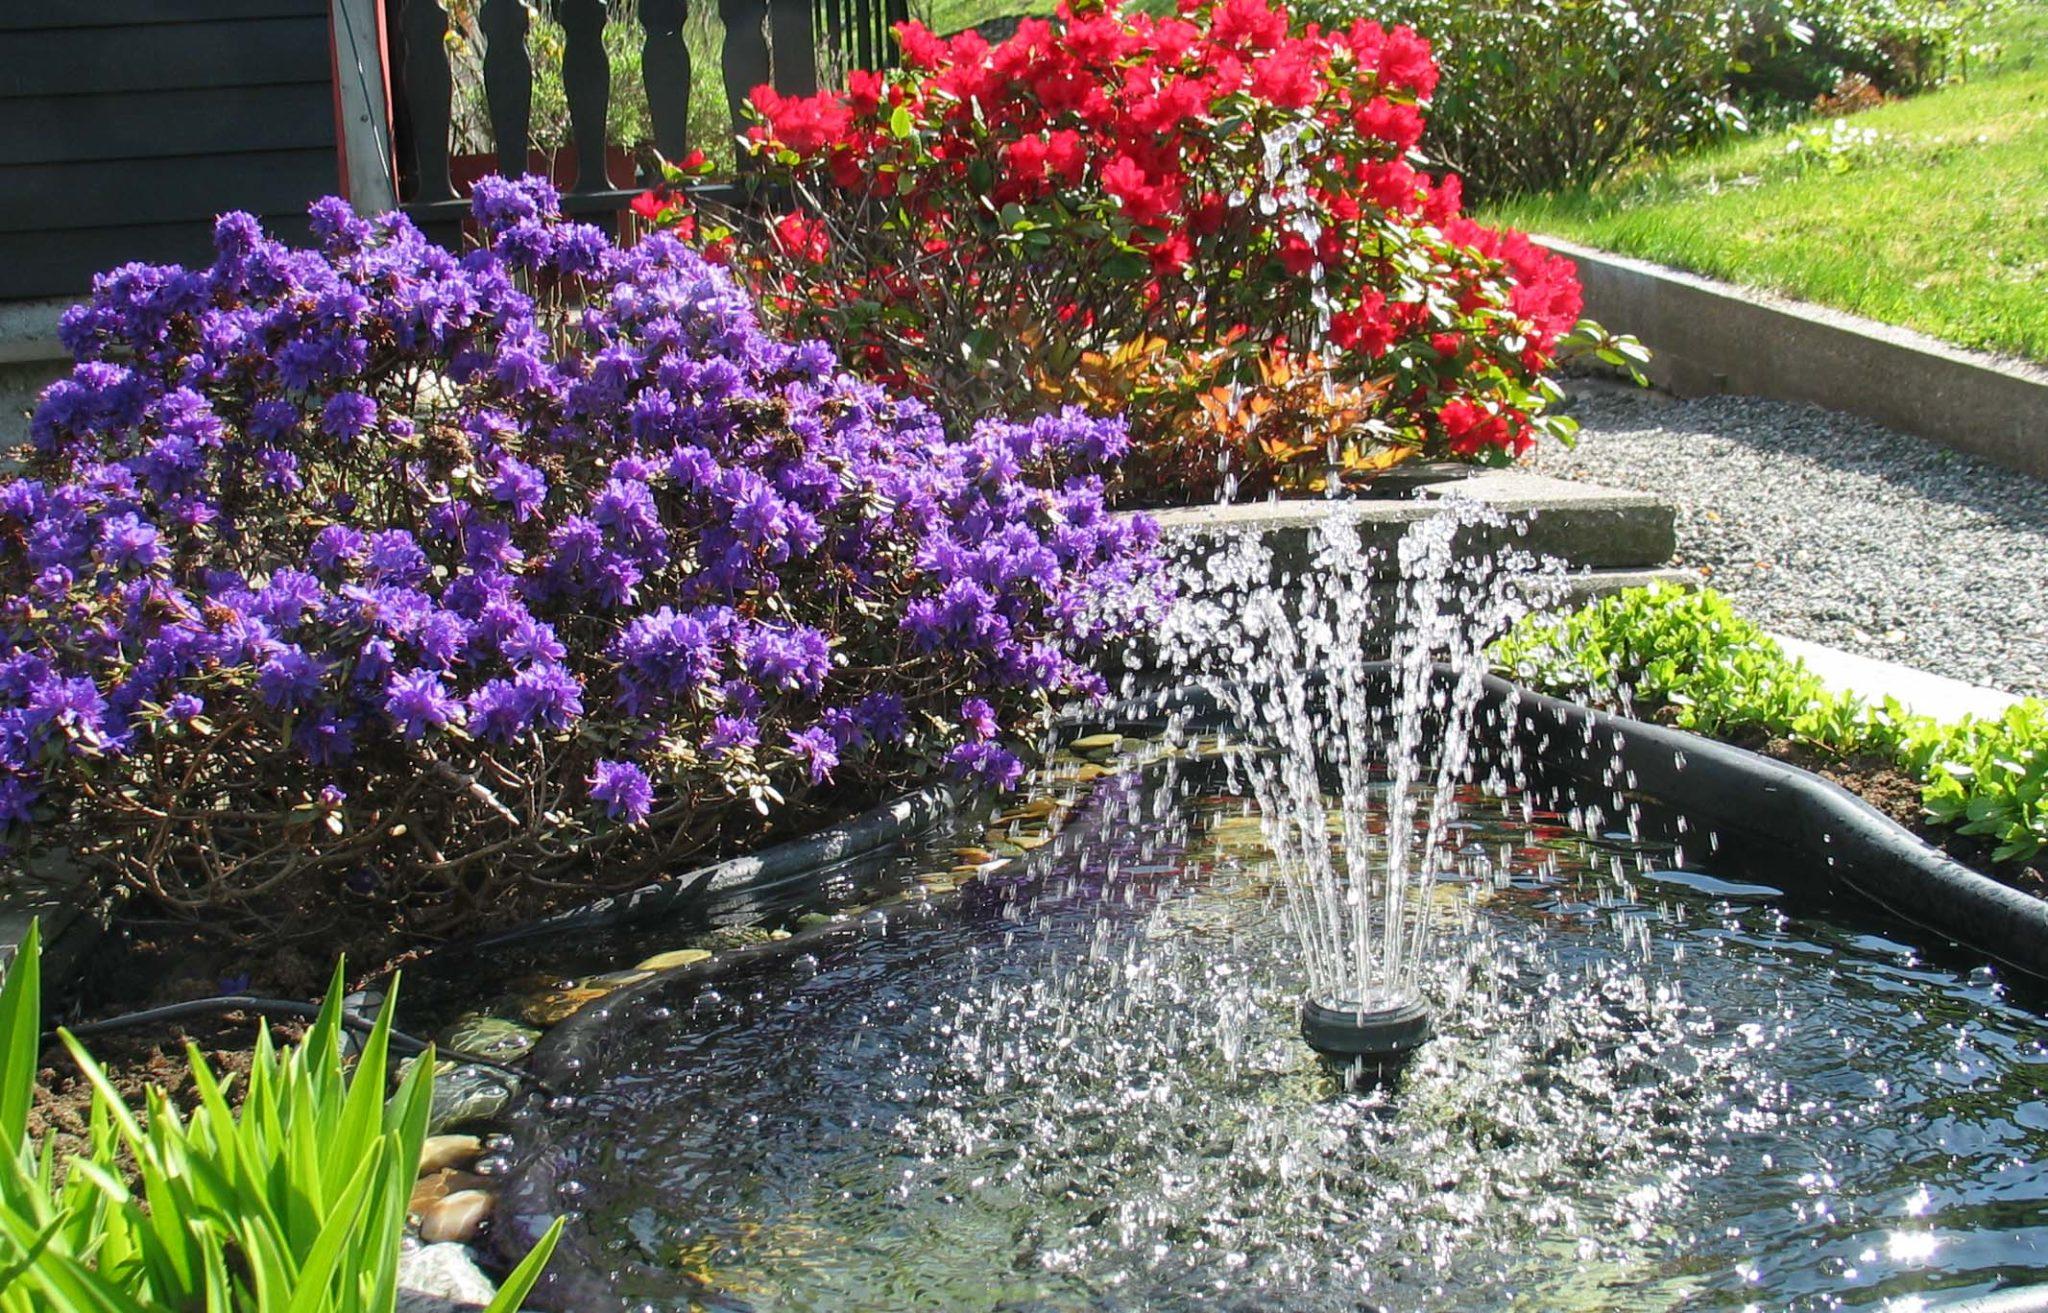 Hvis du ønsker anlegge en hage, et bed eller en balkongkasse - gjerne med tilhørende krukker og ampler, må du finne ut hvilken hage du drømmer om. (Foto: John Steffensen)